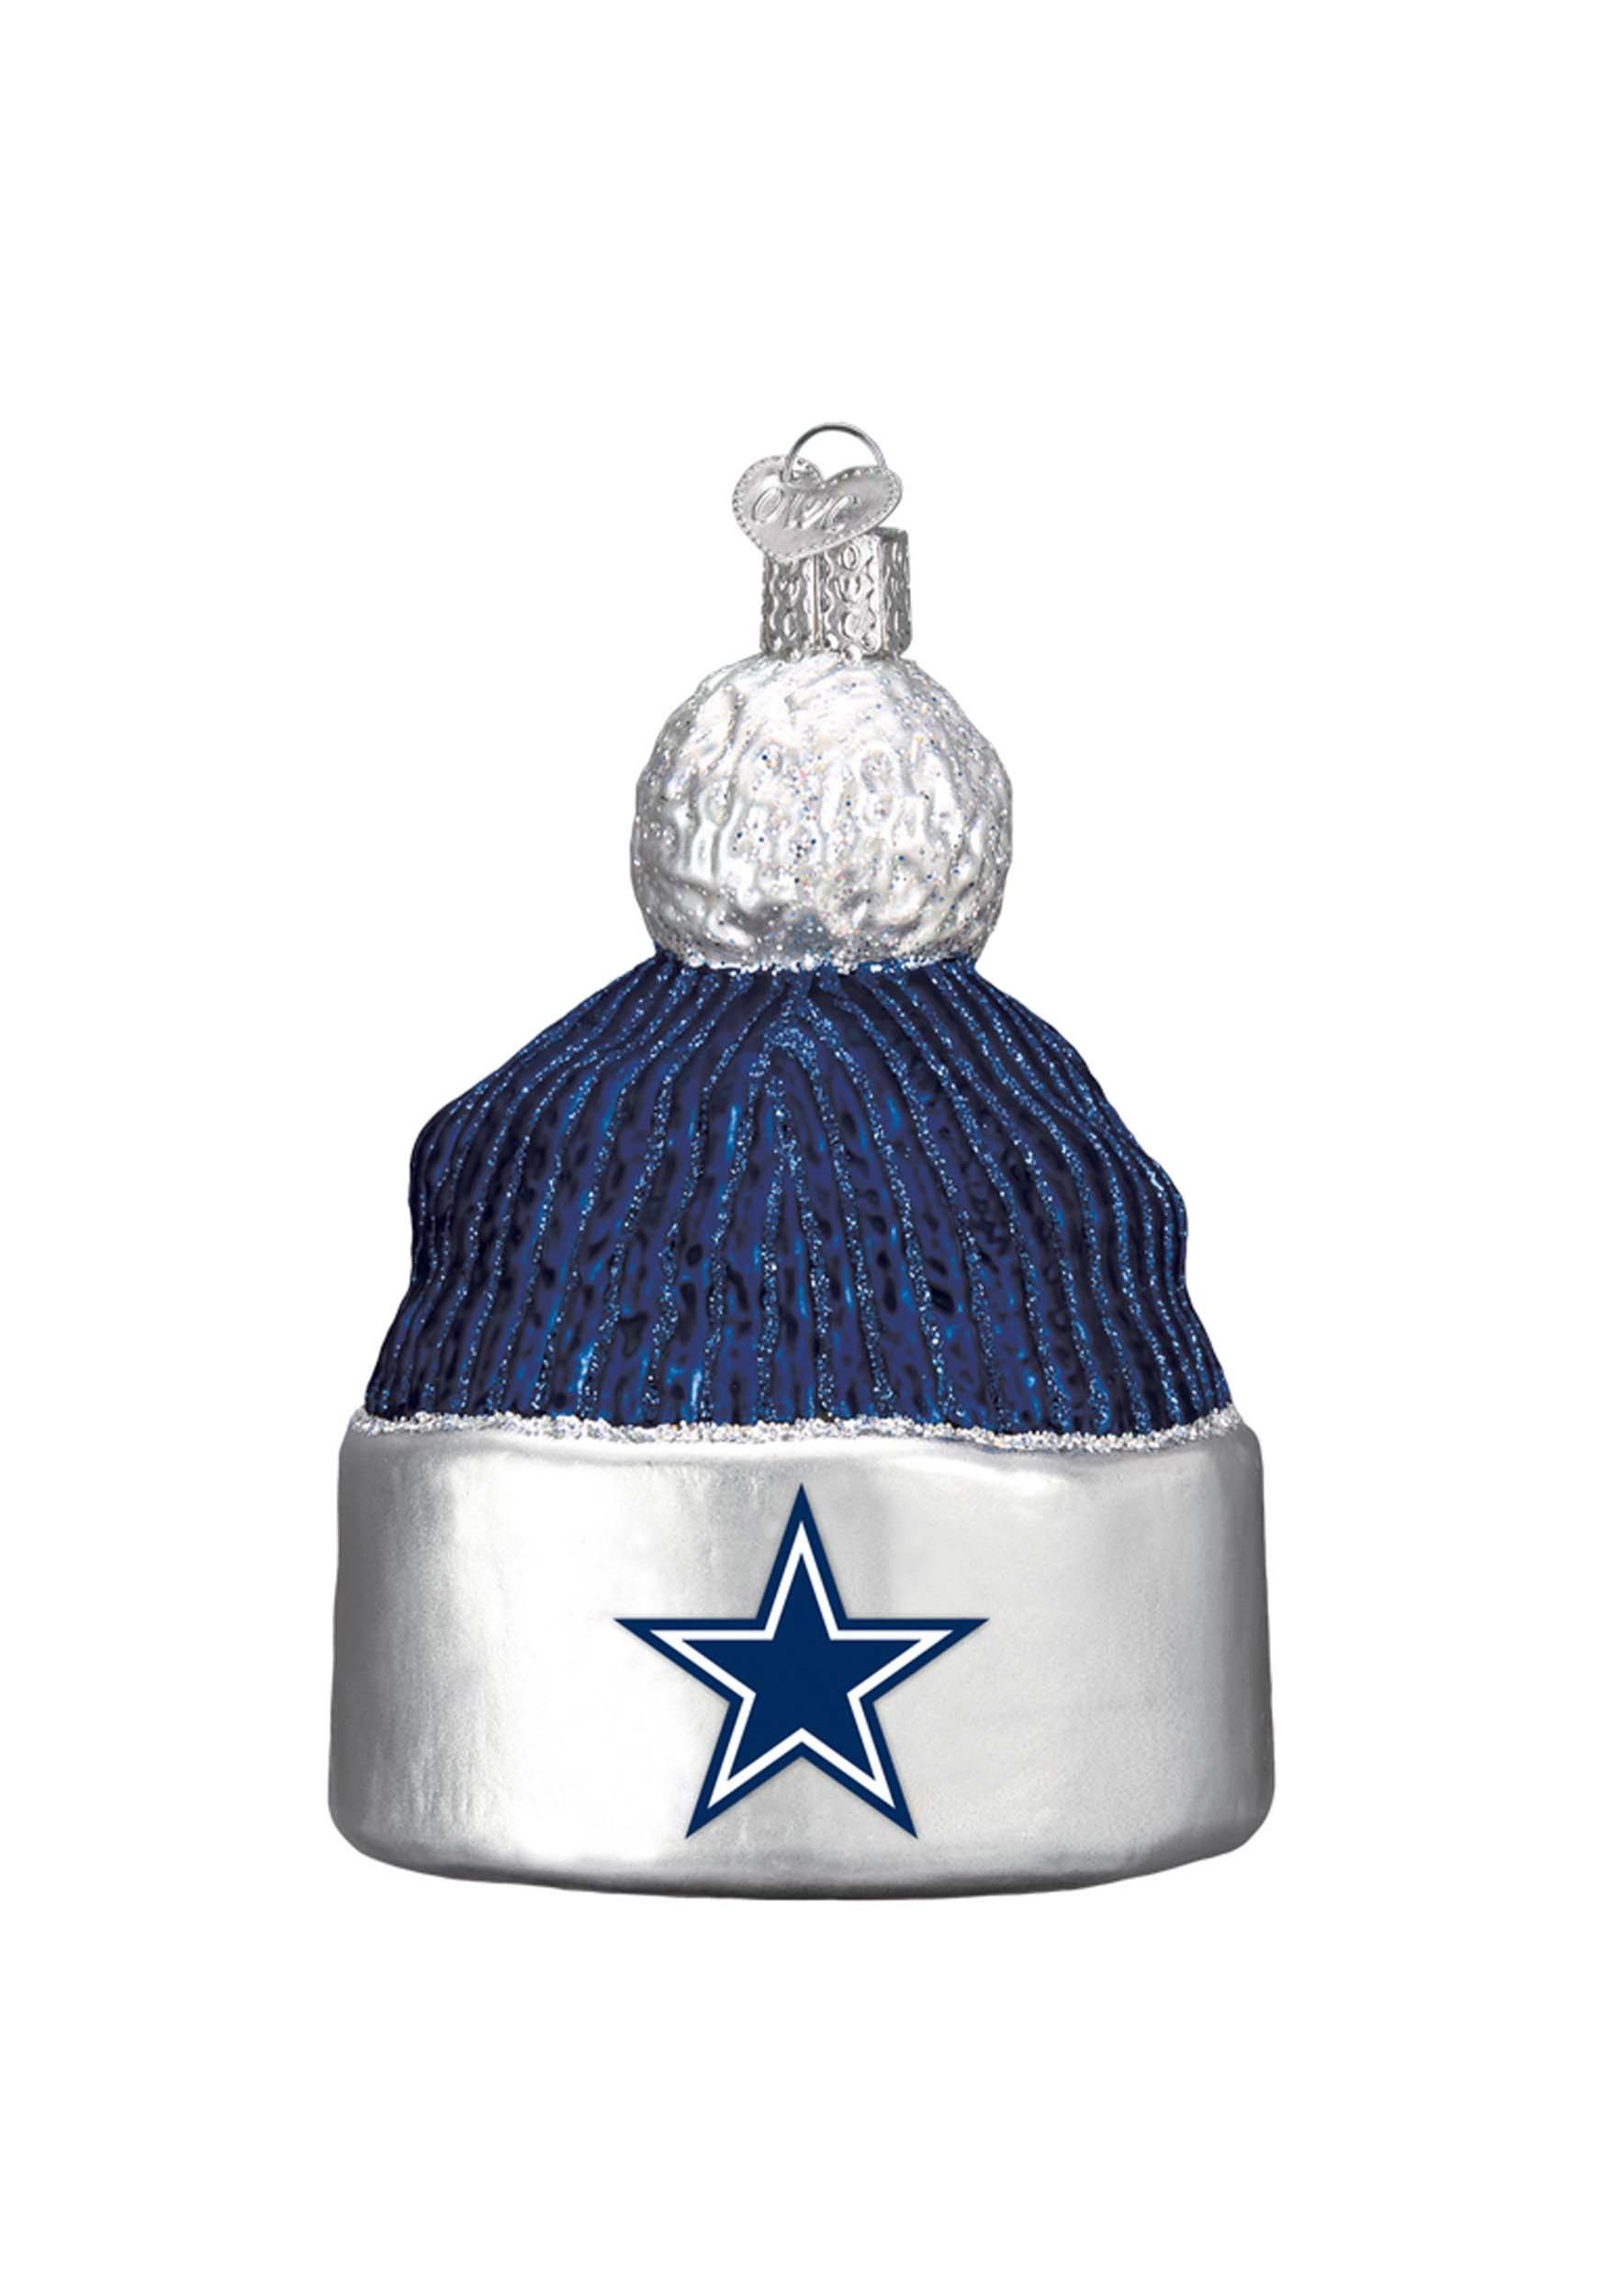 Dallas Cowboys Beanie Glass Ornament addac5f72